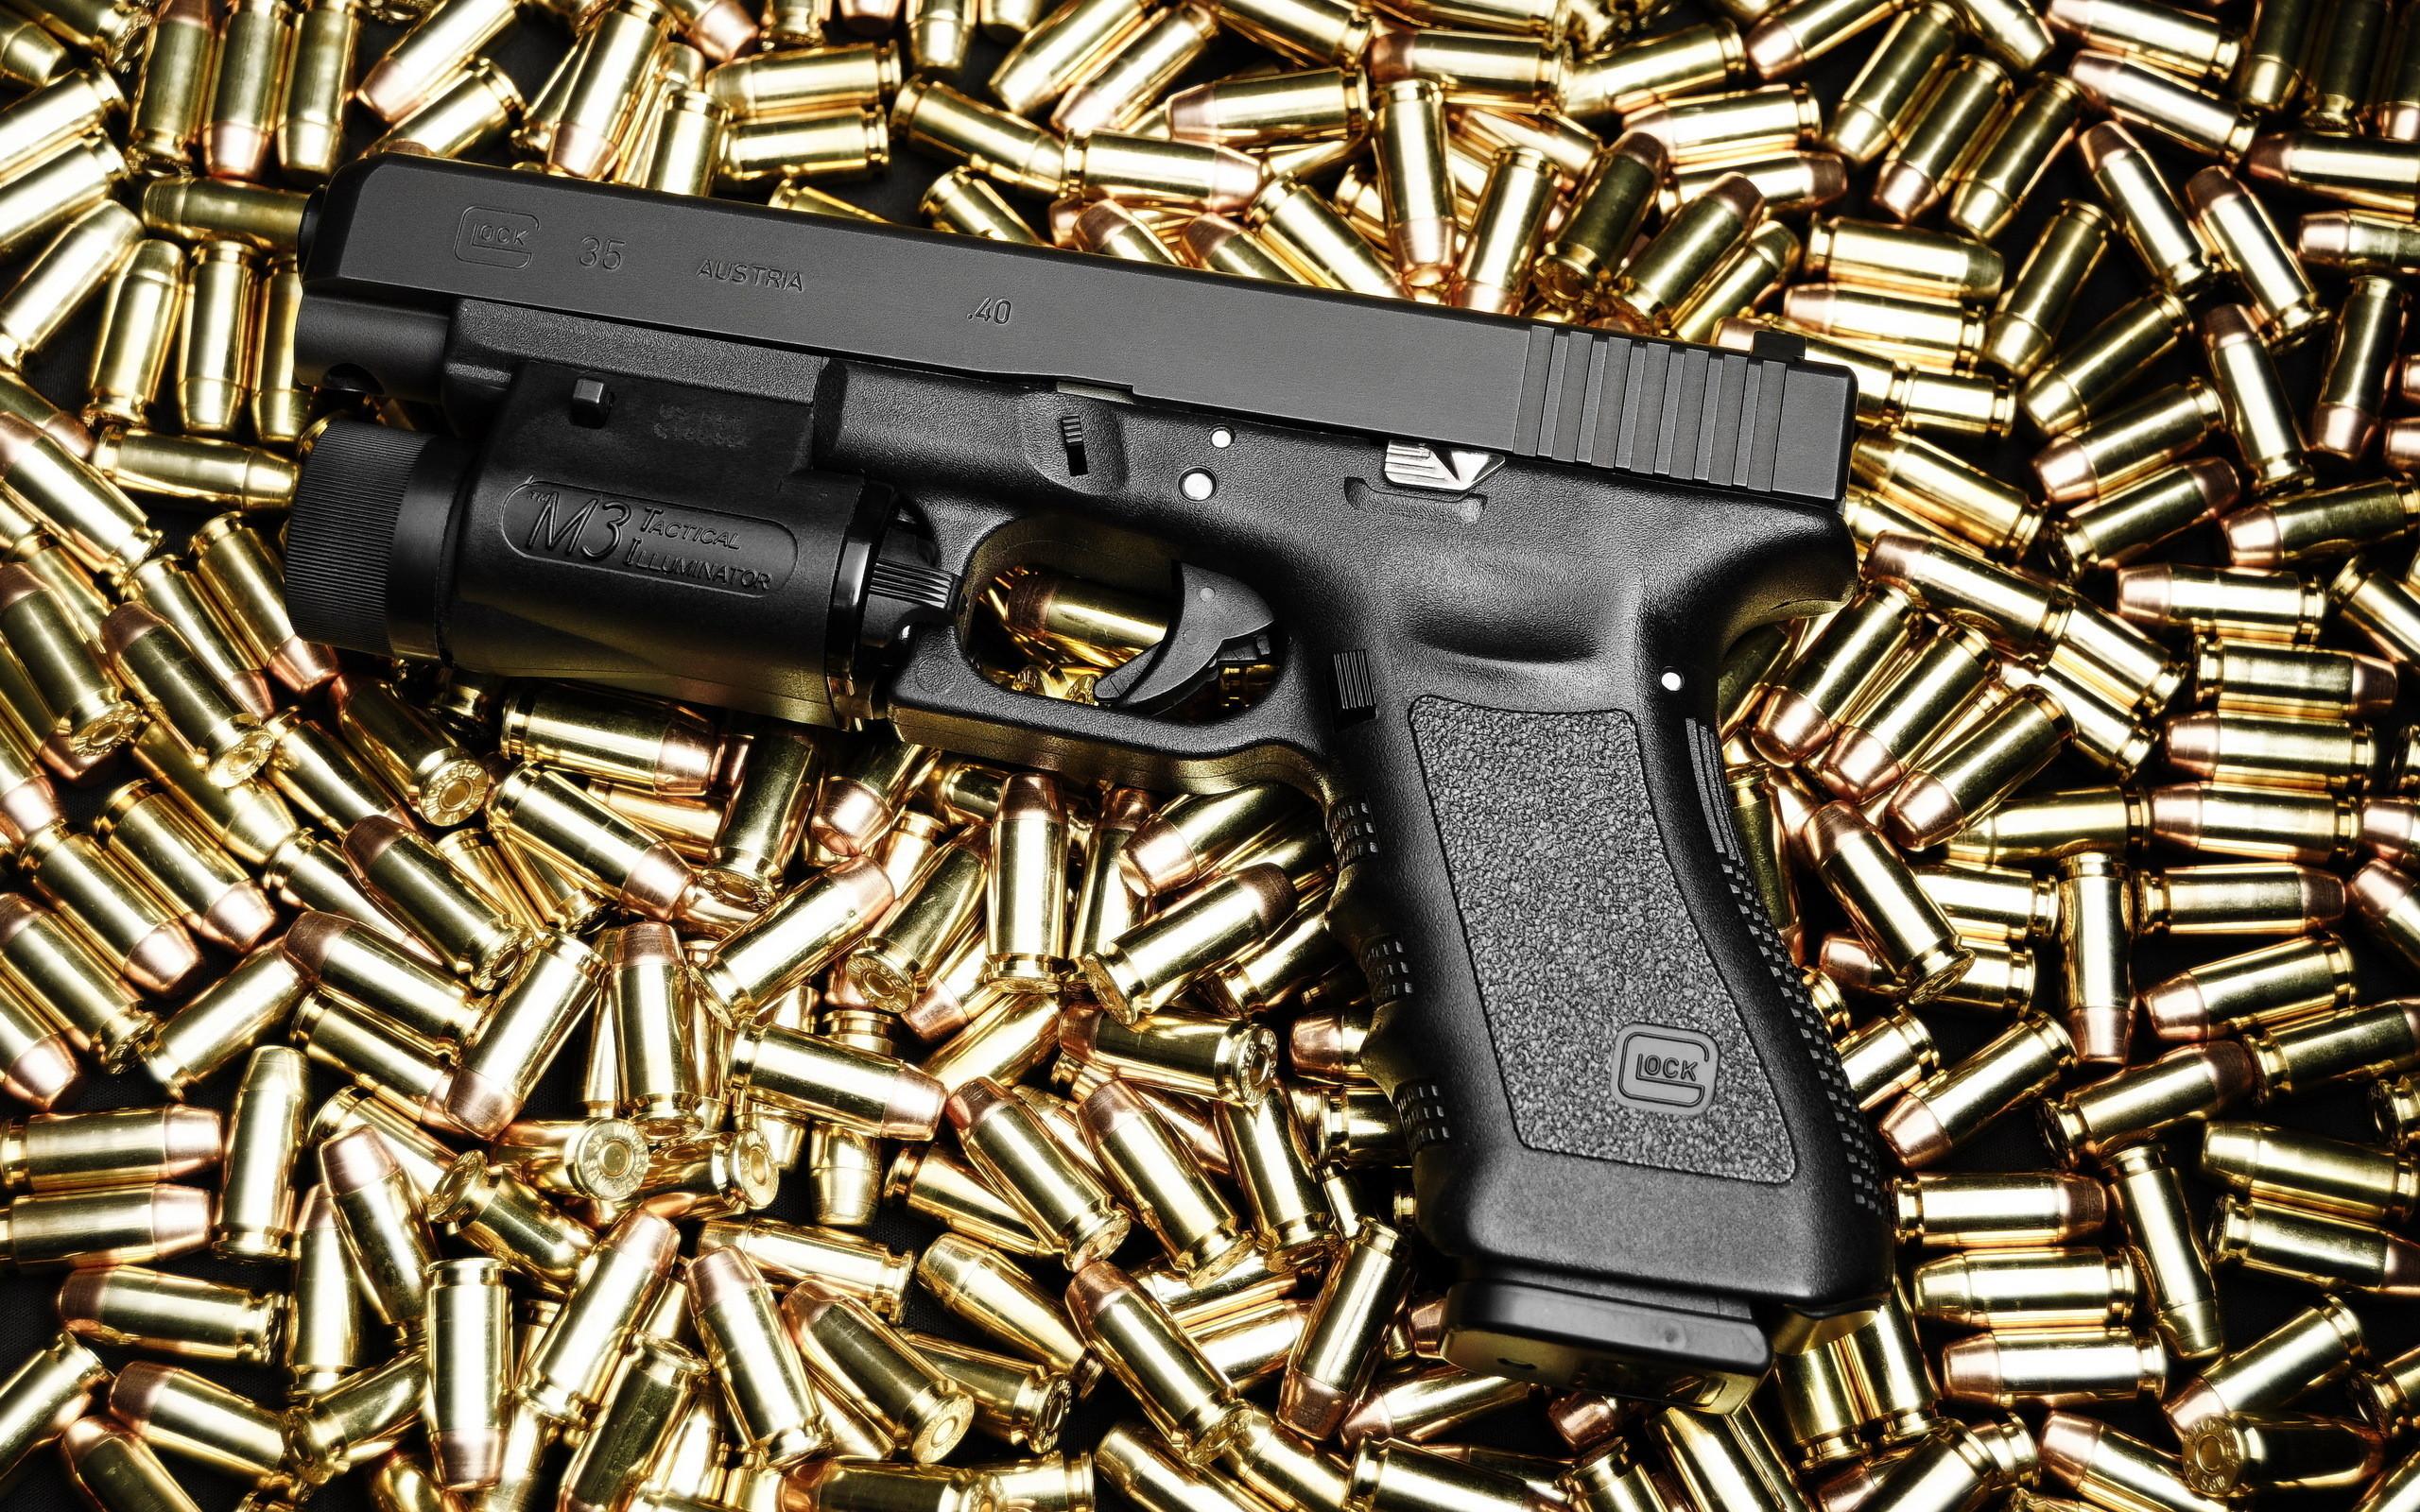 Res: 2560x1600, Weapons - Glock Pistol Wallpaper